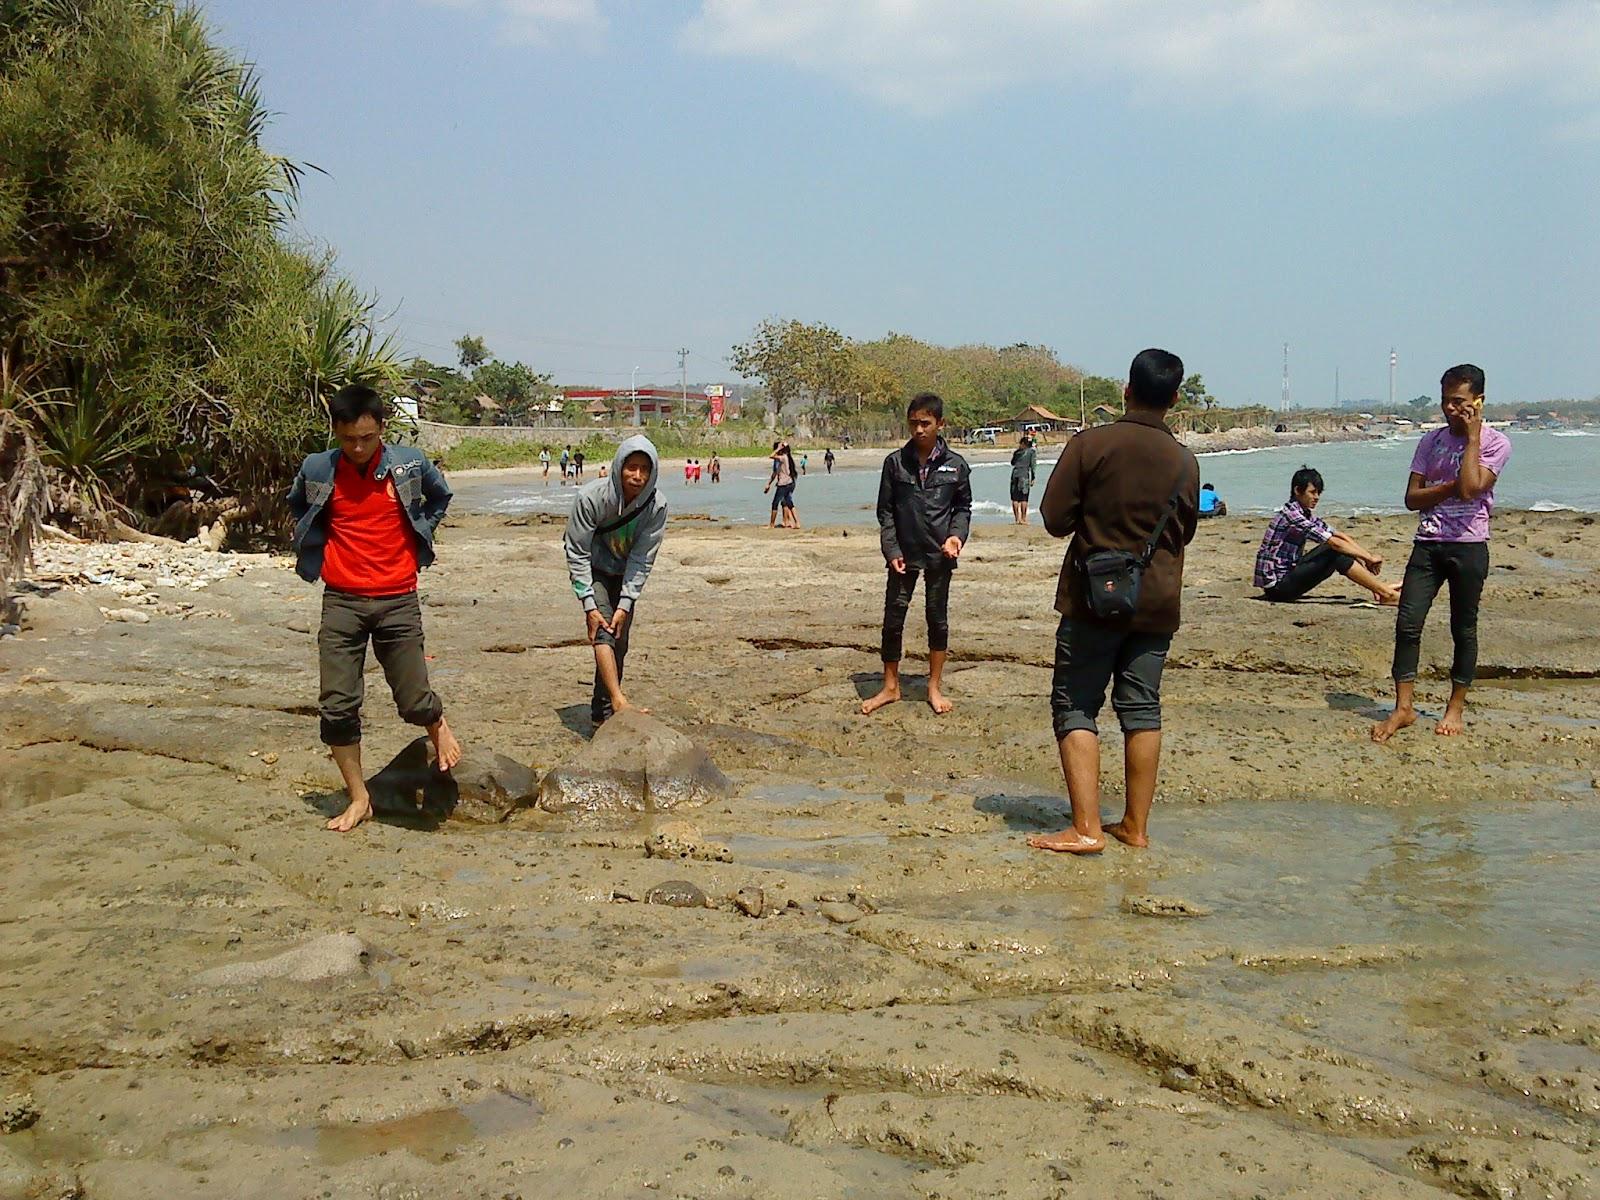 Wisata Pantai Jatisari Sluke Rembang Niam Blog Nah Hamparan Pasir